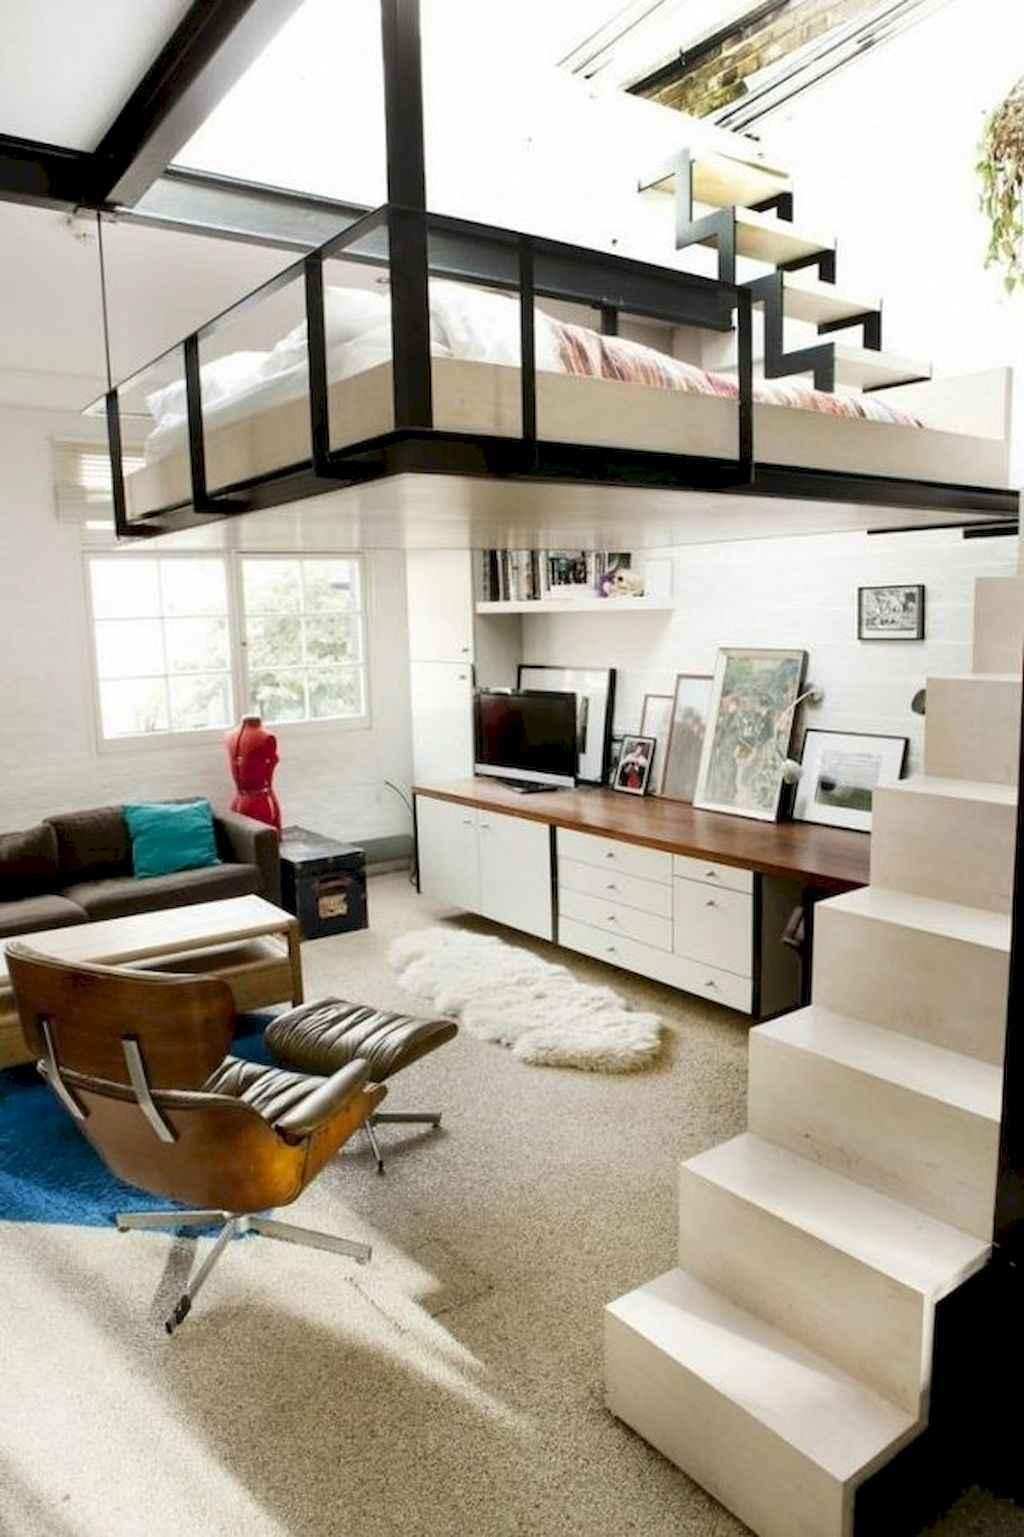 Published November 13 2017 At 1024 1537 In 35 Diy Dorm Room Design Ideas On A Budget